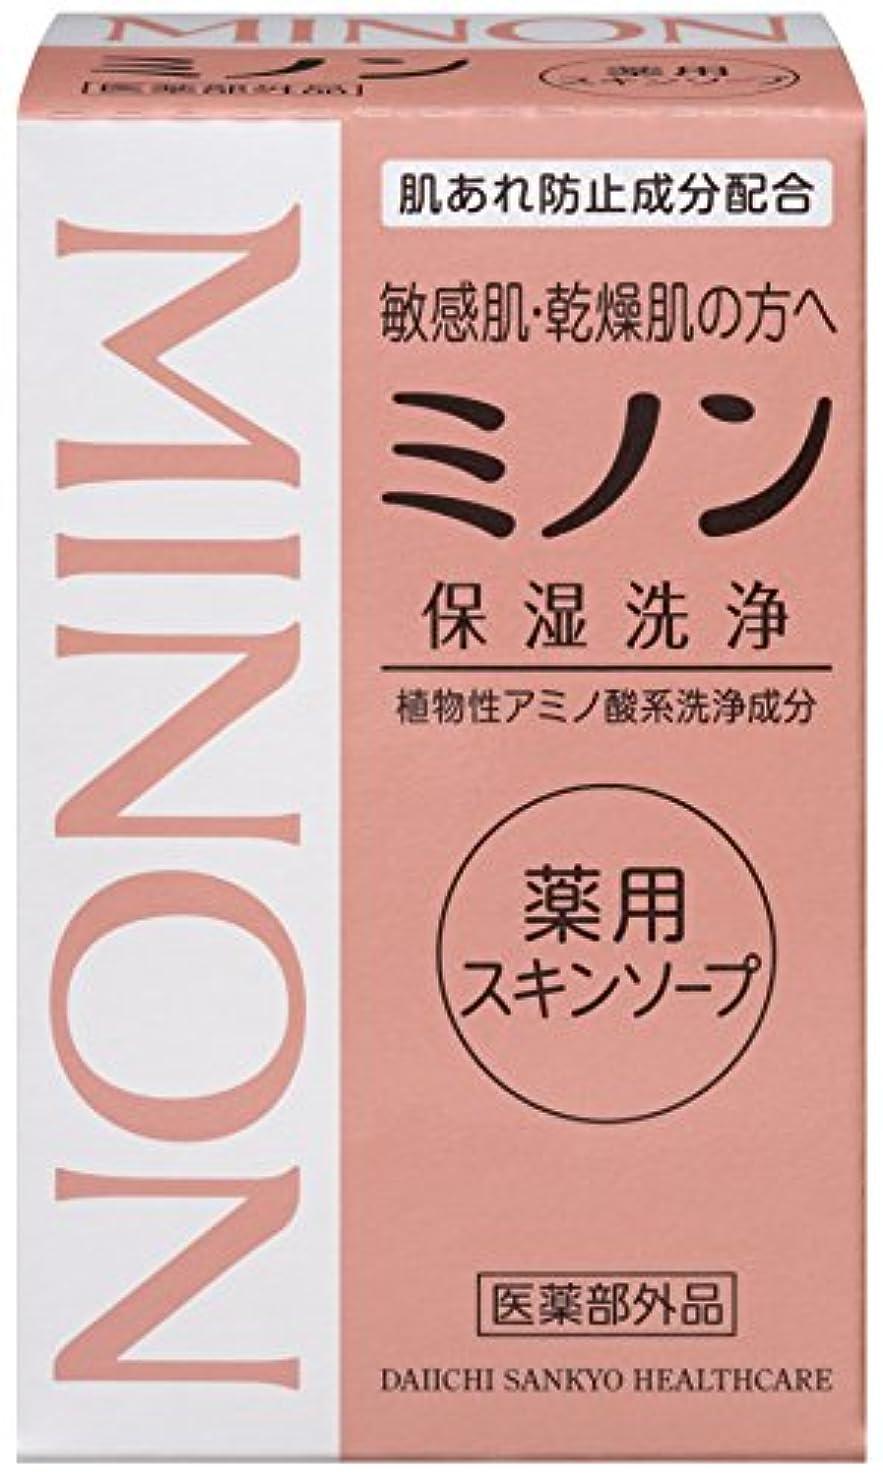 やめる魔術恩赦MINON(ミノン) 薬用スキンソープ 80g 【医薬部外品】